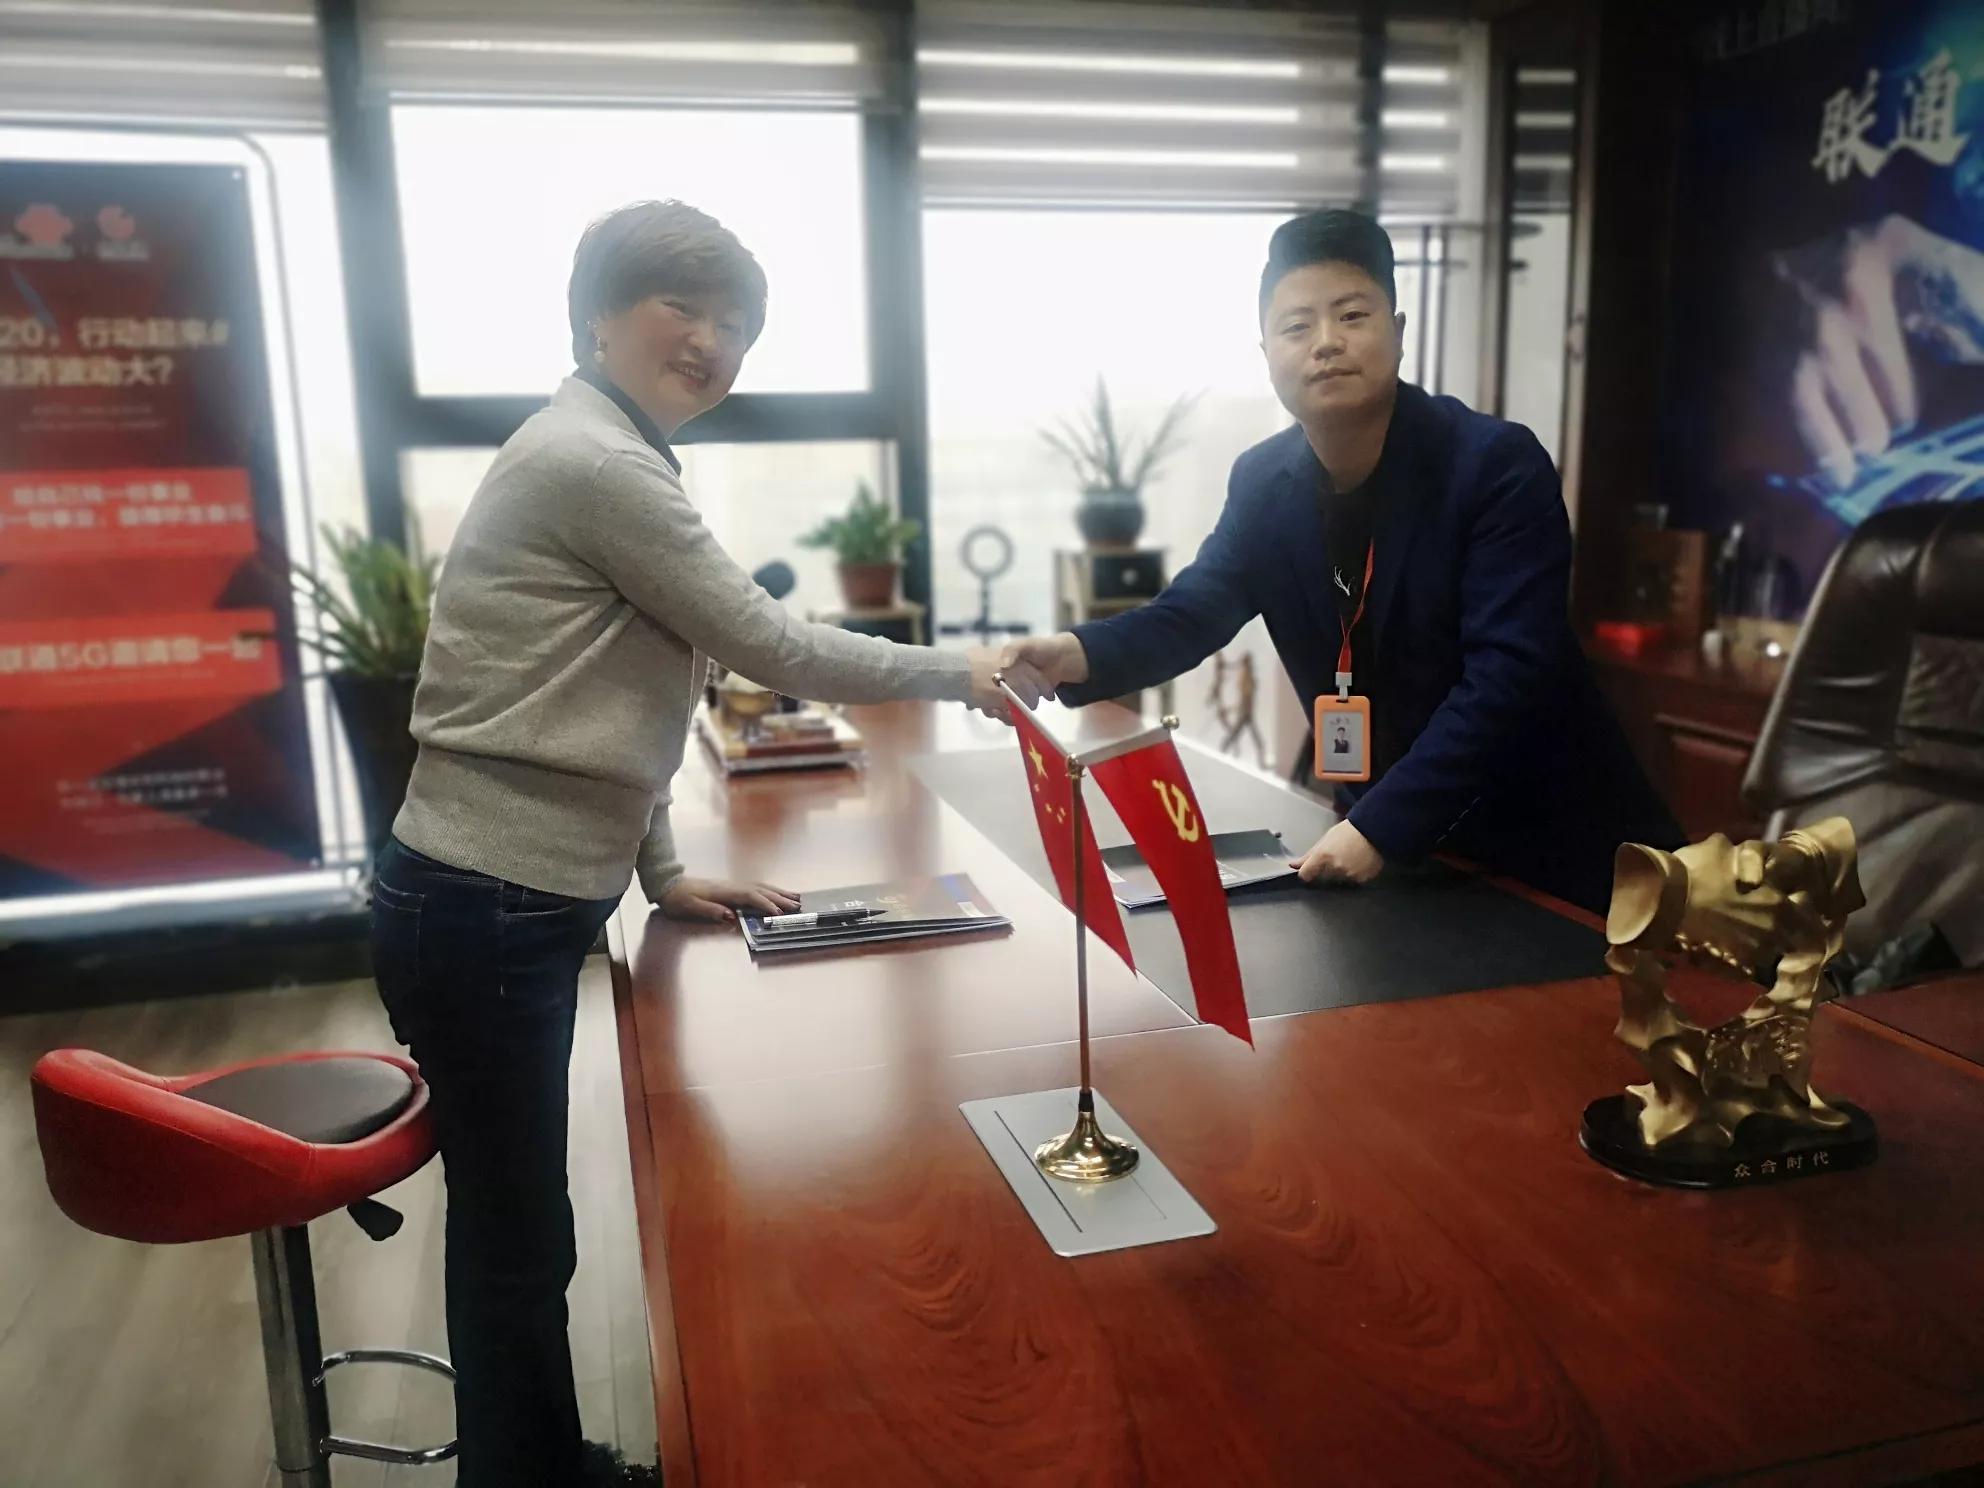 齐城安达签约青创集团5G战略合作伙伴